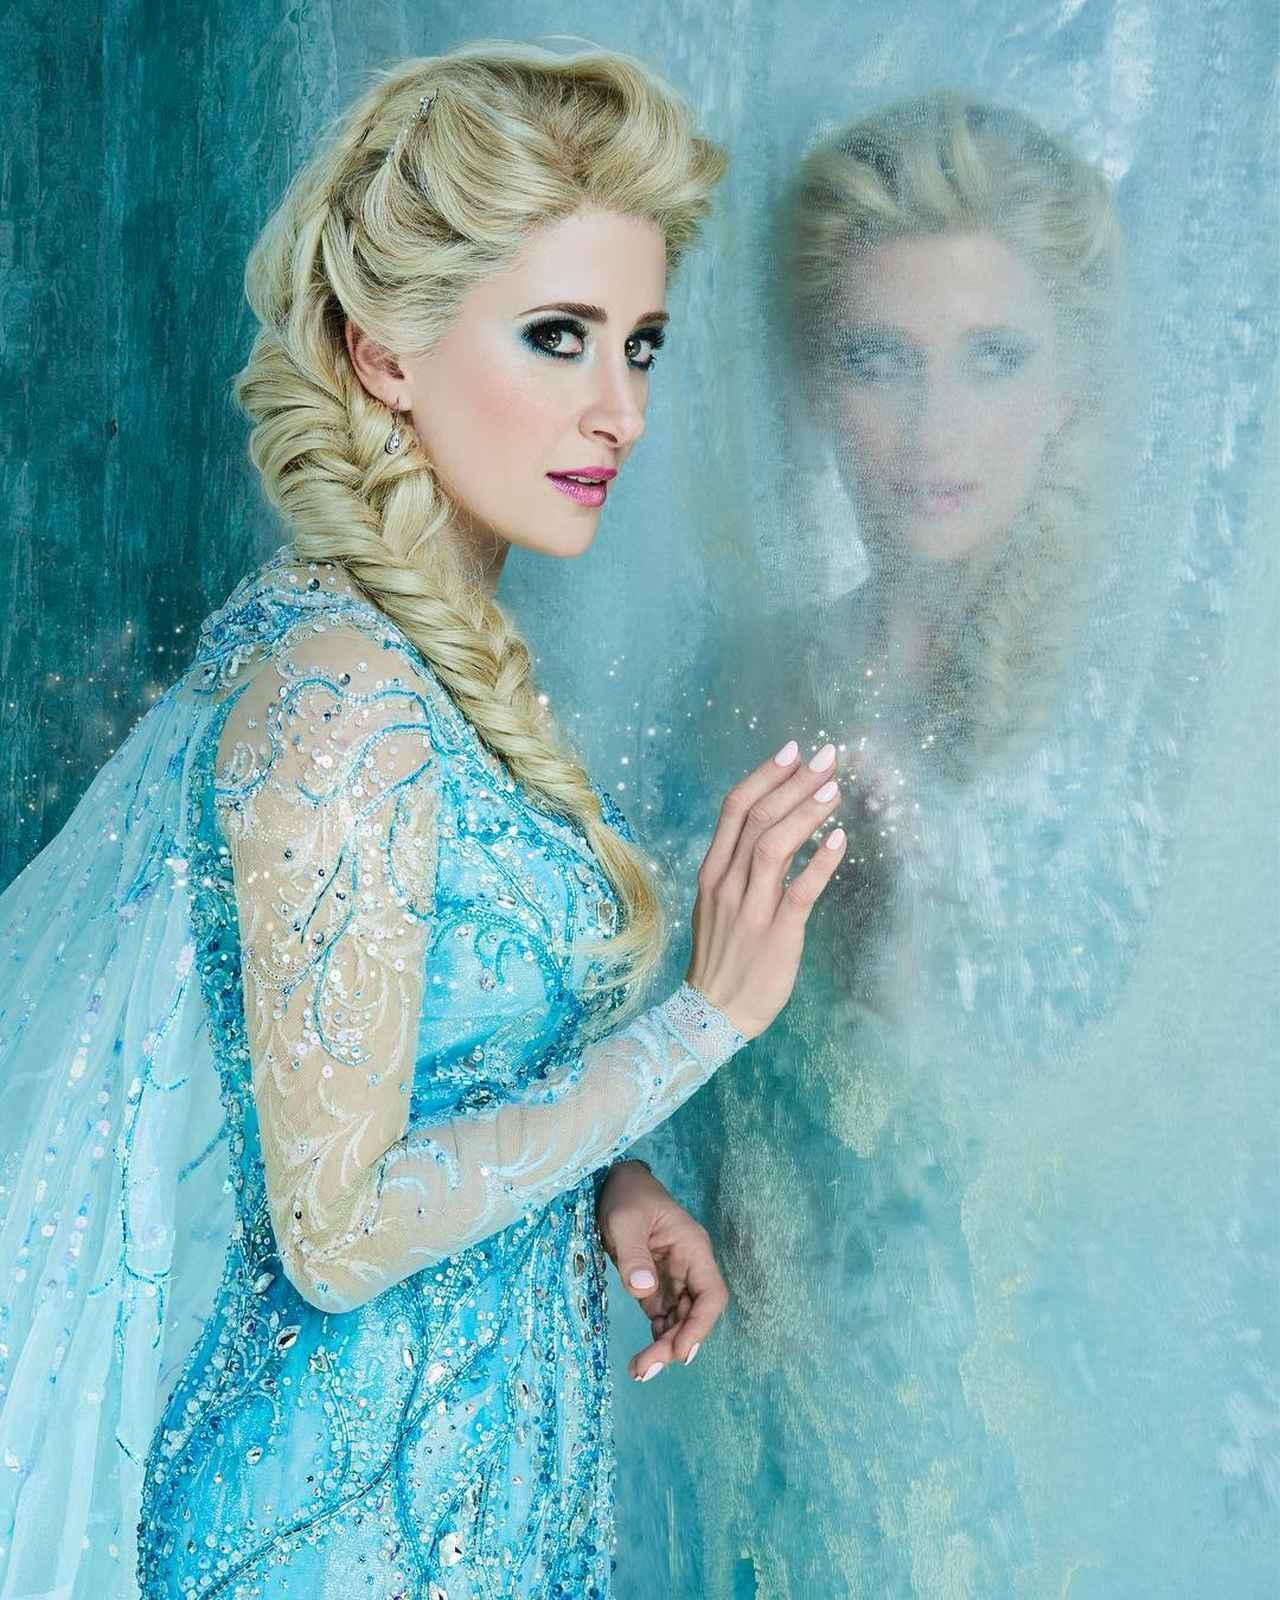 画像1: Frozen on BroadwayさんはInstagramを利用しています:「Caissie Levy as Elsa. | #InternationalWomensDay」 www.instagram.com